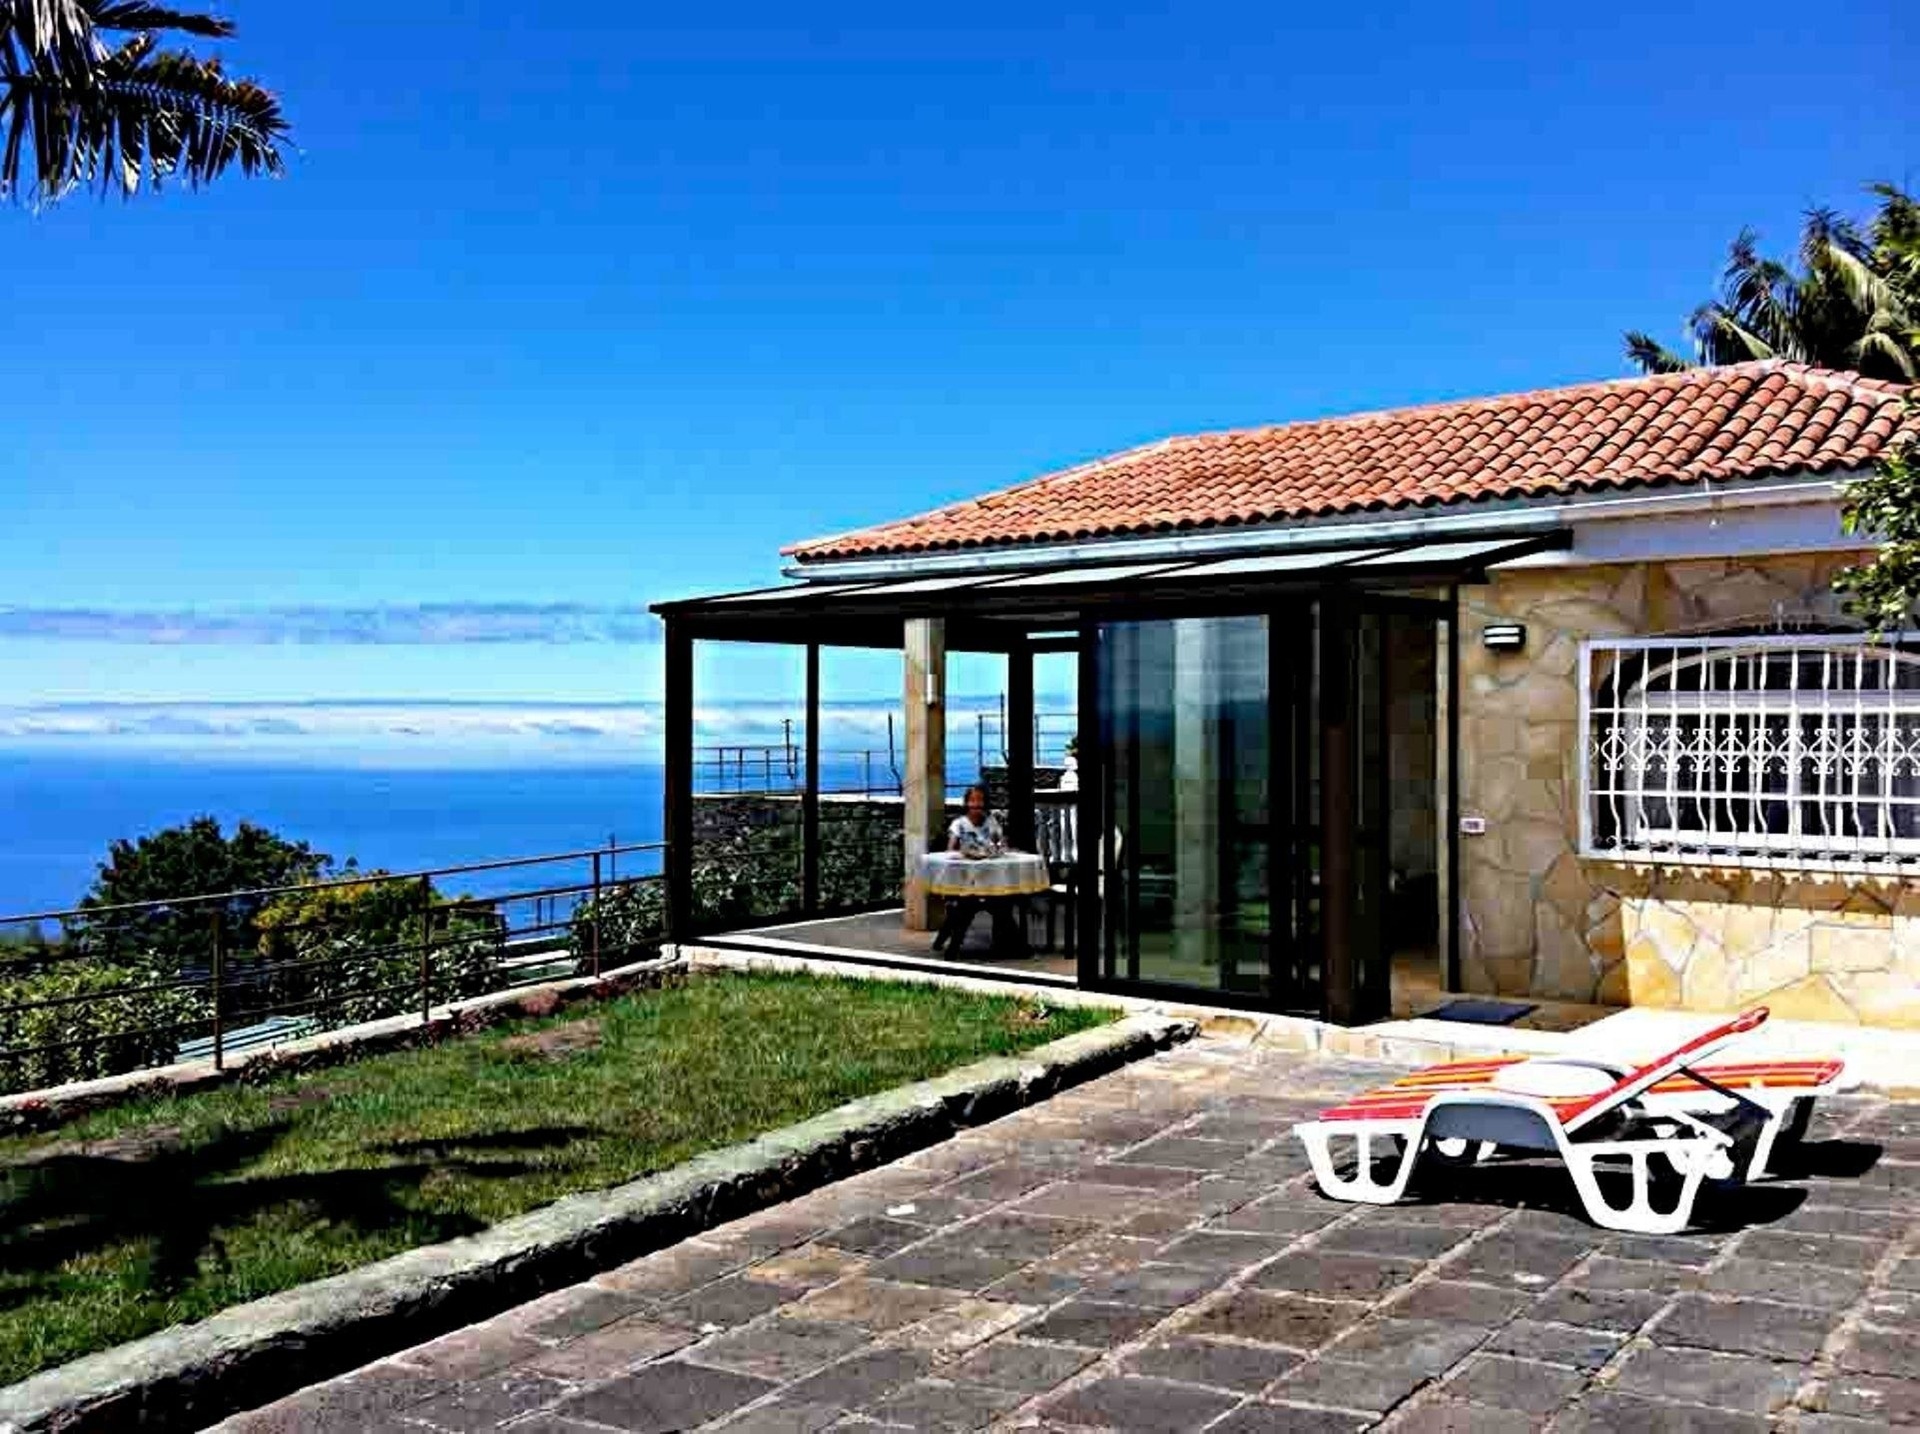 Maison de vacances Finca Panoramica Teidemar, 3 Schlafzimmer/Bäder, tolle Fernsicht, Gärten, Pool, Grill und  (2492991), Santa Ursula, Ténérife, Iles Canaries, Espagne, image 1